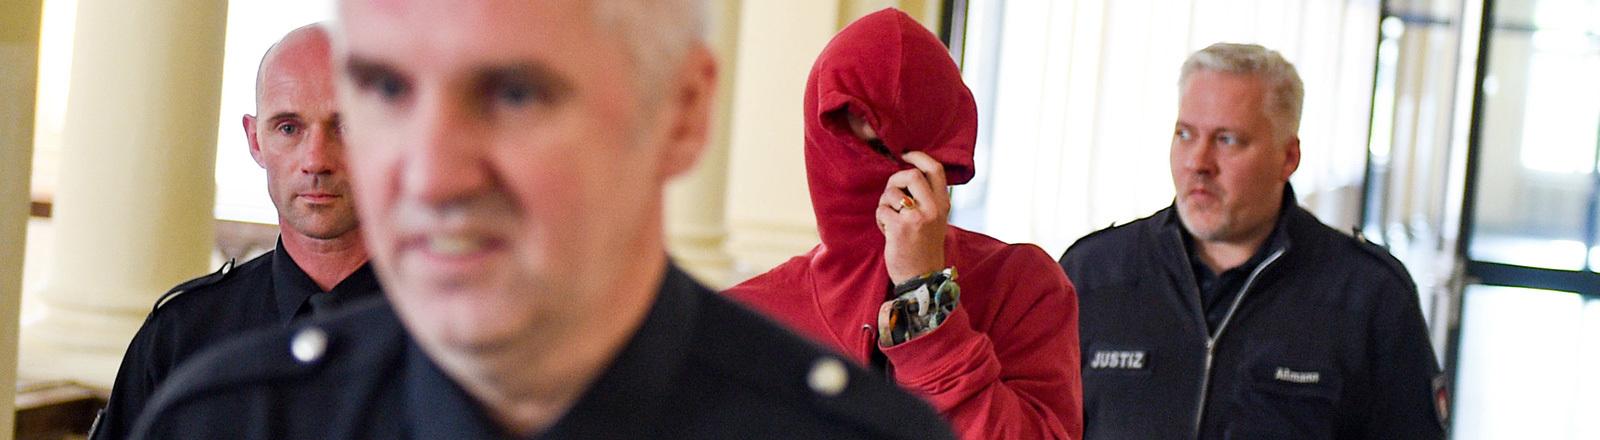 Justizbeamte führen am 28.08.2017 in Hamburg im Strafjustizgebäude einen 21-jährigen Angeklagten aus den Niederlanden zum Gerichtssaal; Foto: dpa